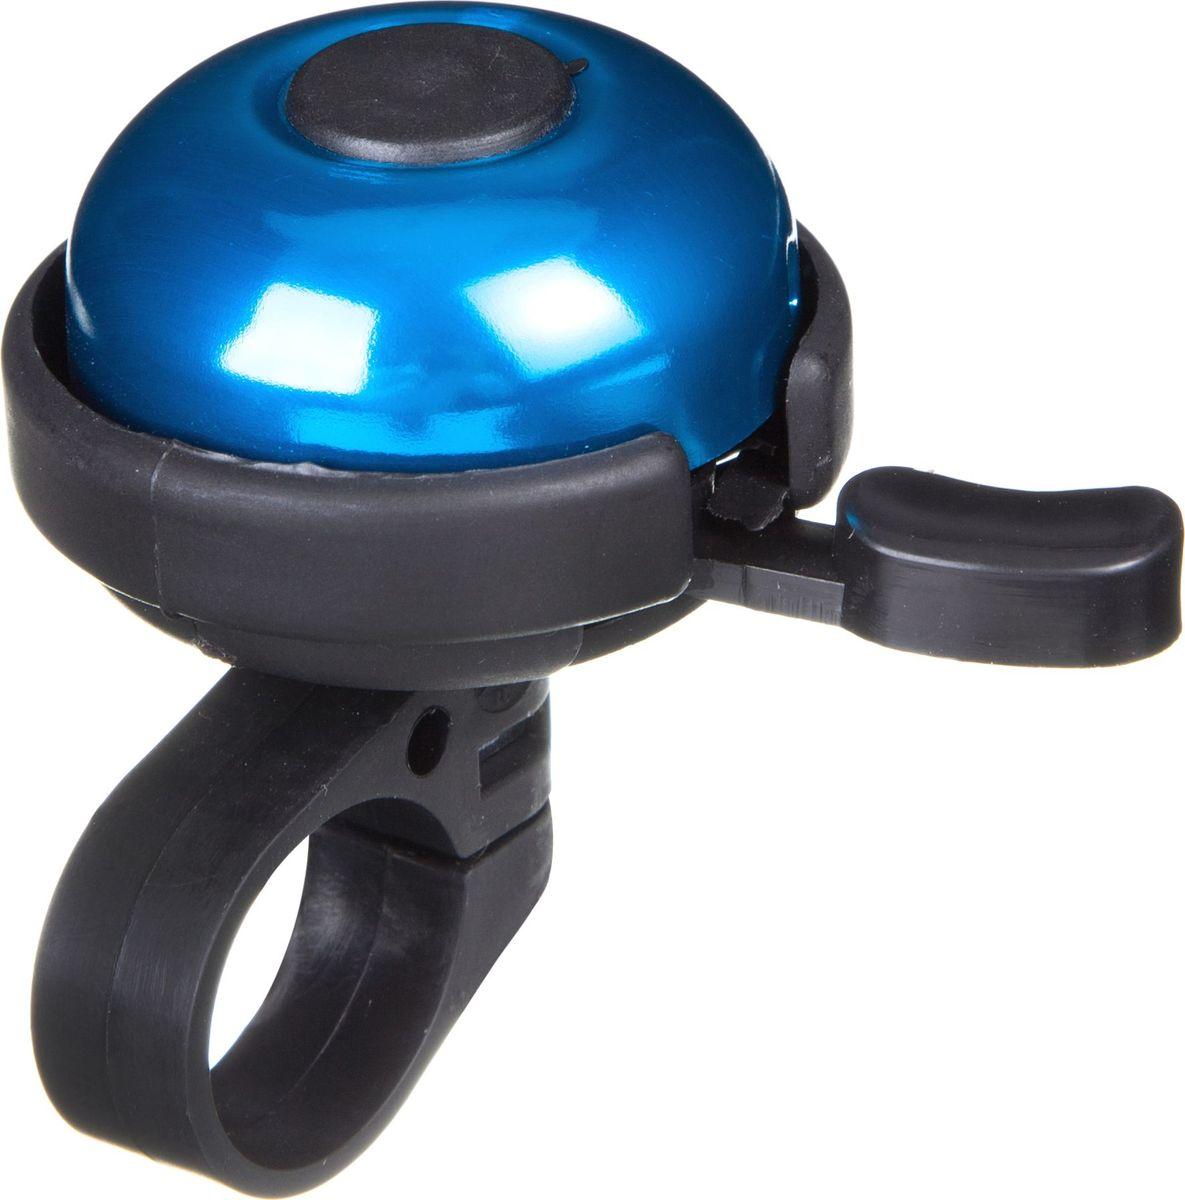 Звонок велосипедный STG 31А-05, цвет: синийГризлиЗвонок предупредит пешеходов и других велосипедистов о вашем приближении, а также обеспечит безопасность вашего движения. Звонок предназначен для крепления на руль и подойдет не только для велосипедов, но и для самокатов.